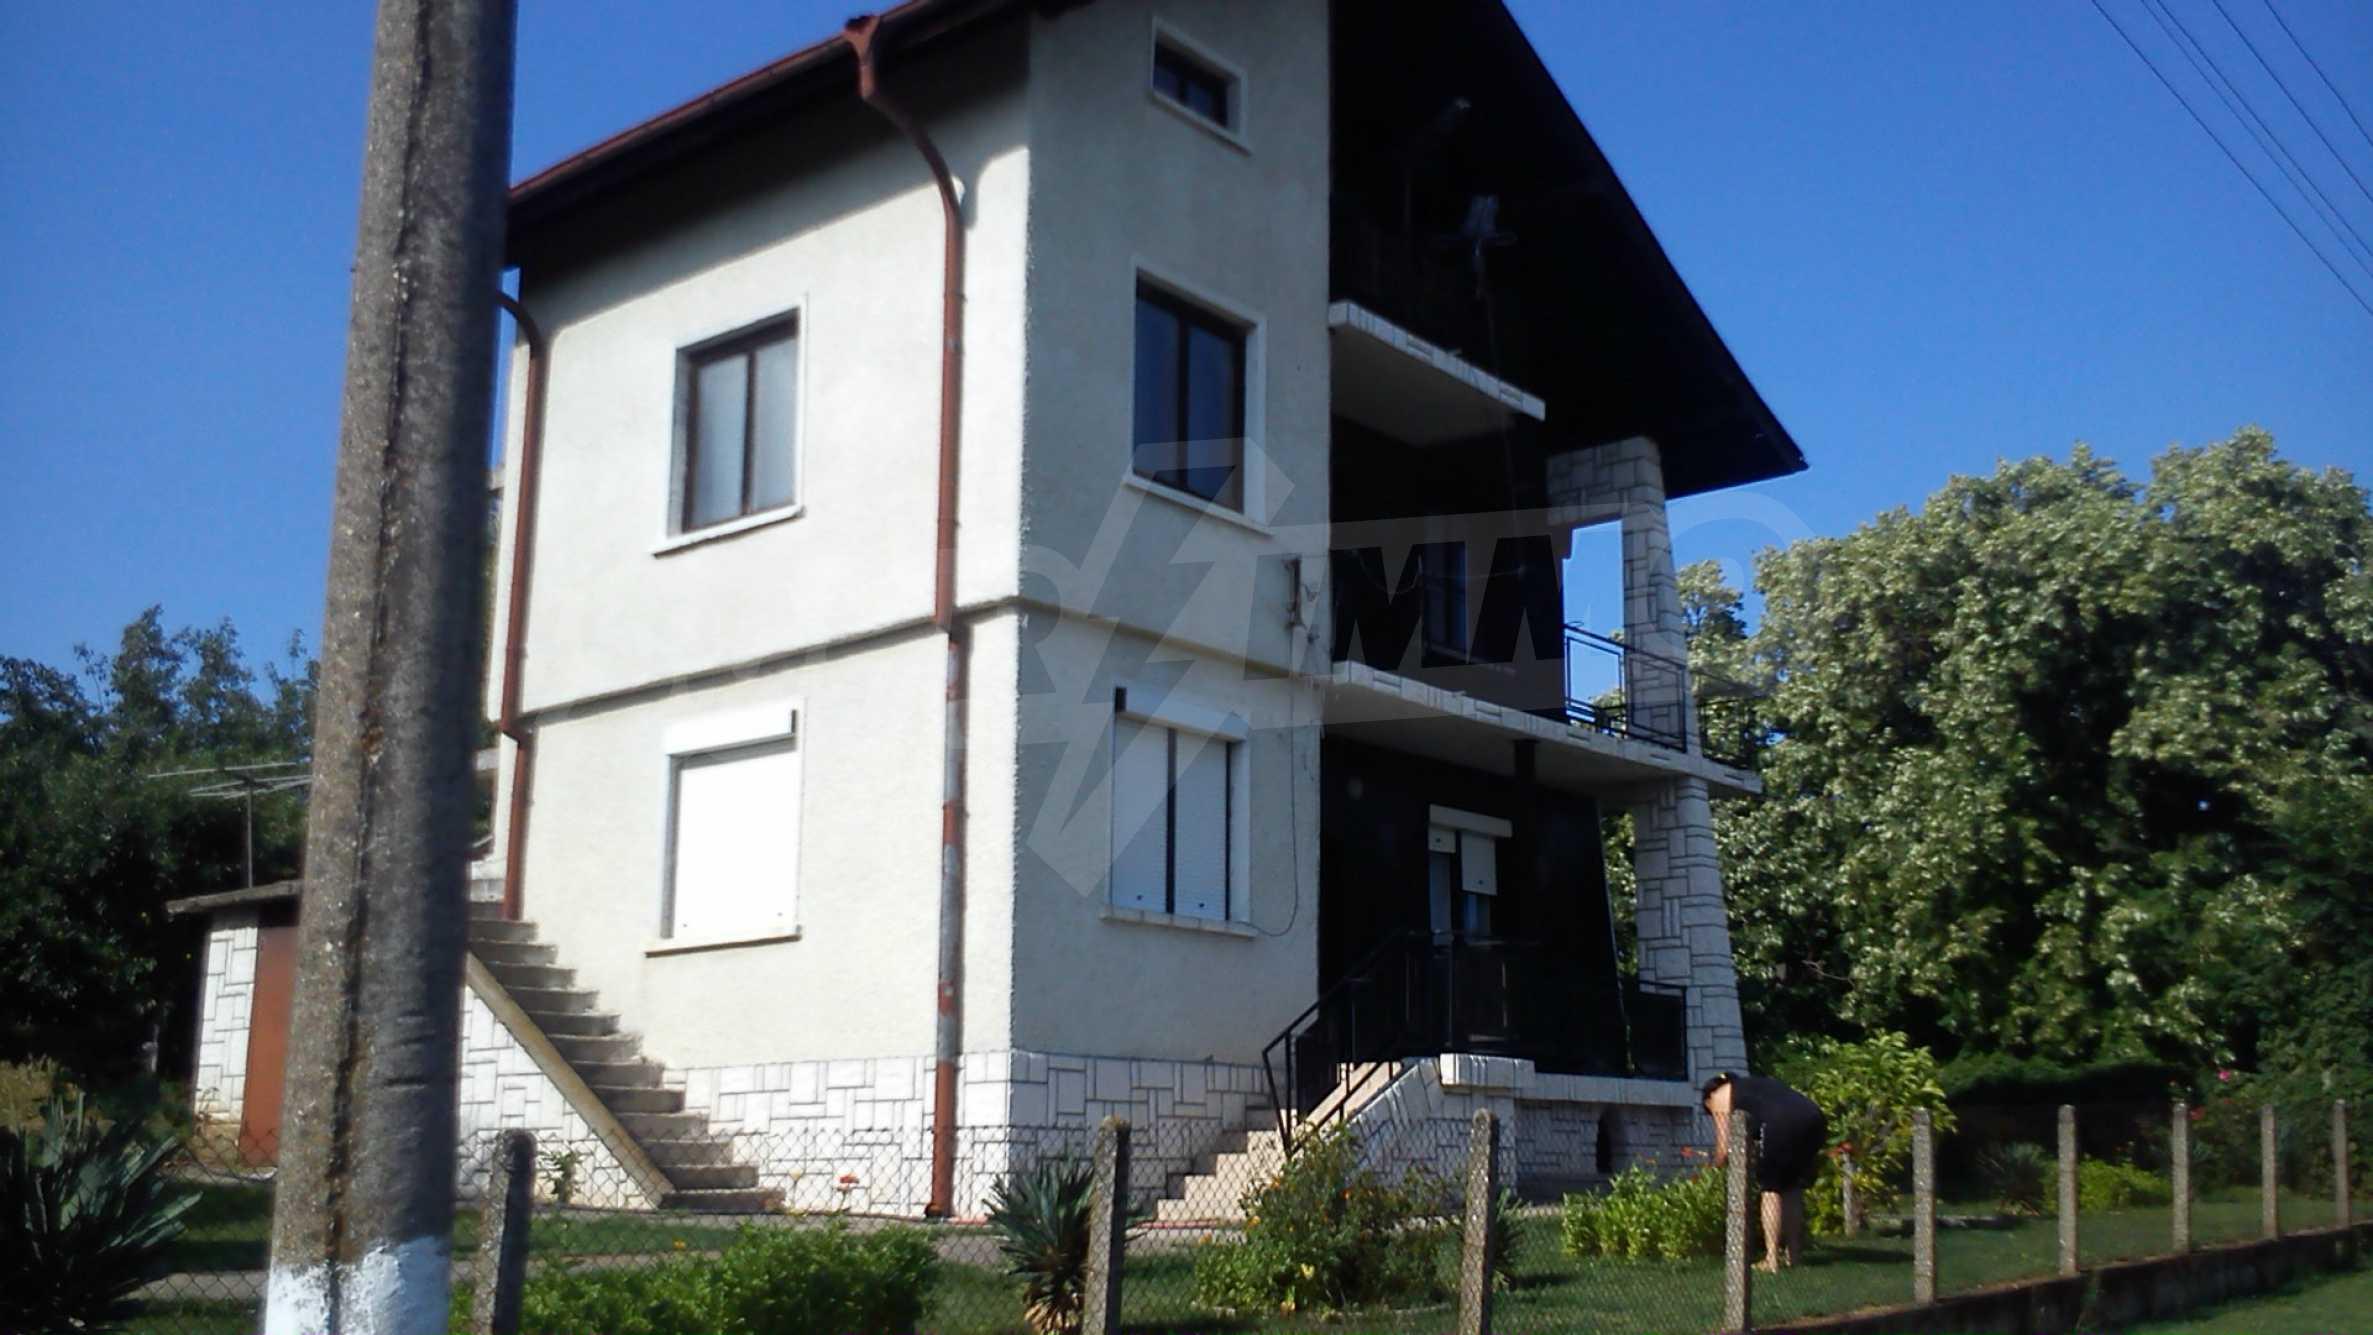 3-storey villa with garden in picturesque village near Vidin